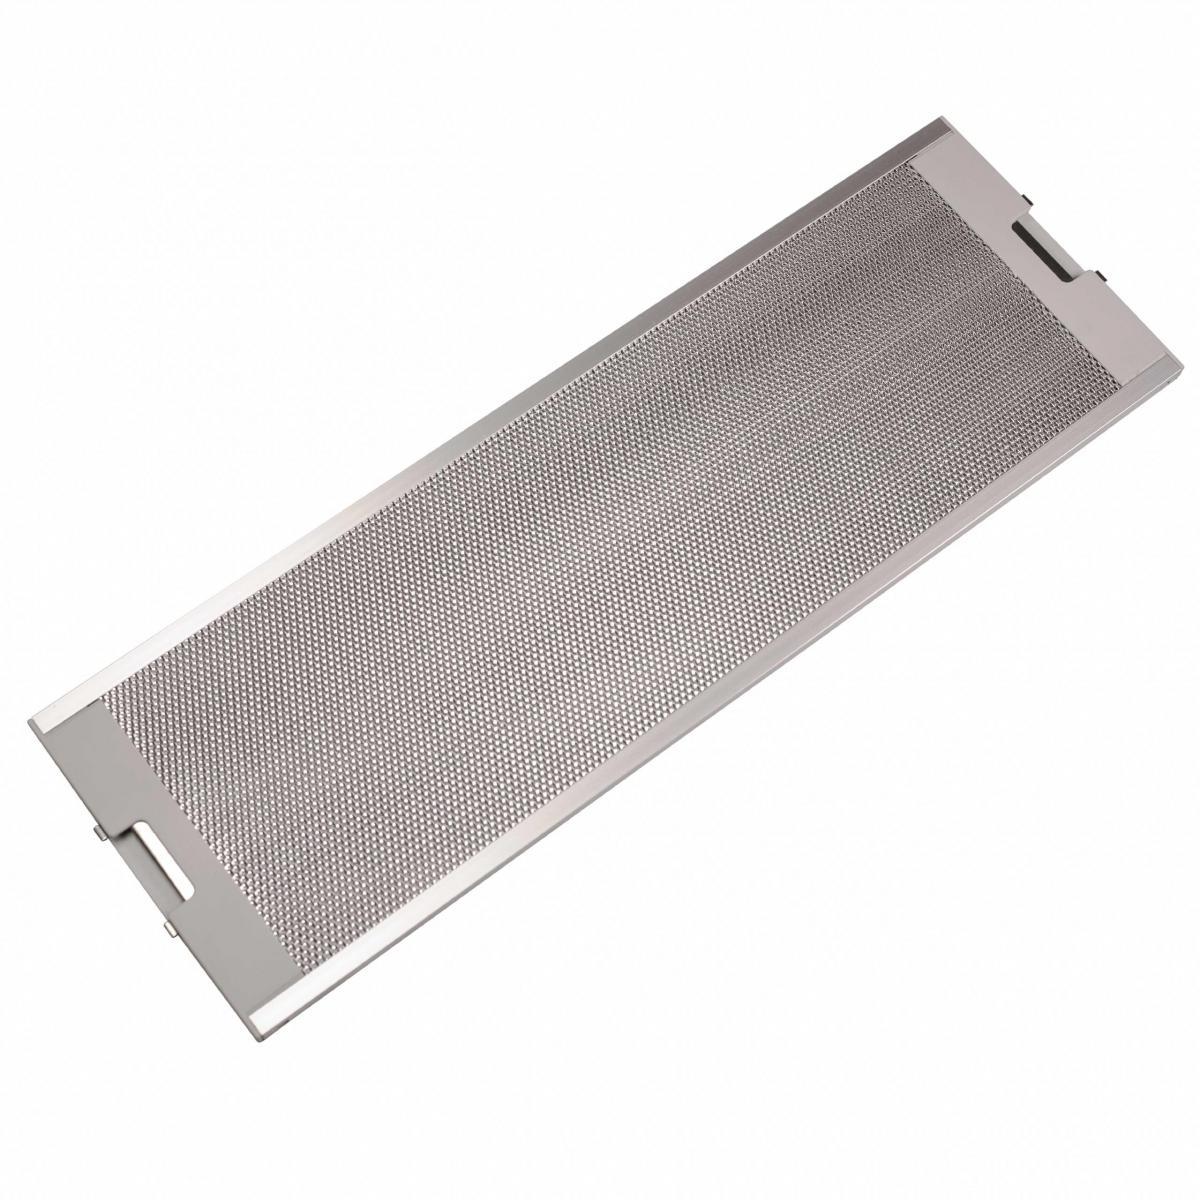 Vhbw vhbw Filtre Permanent Filtre à Graisse Métallique compatible avec Imperial DMA 64/4/UK 001, DMA 64/5 Hottes de Cuisinièr